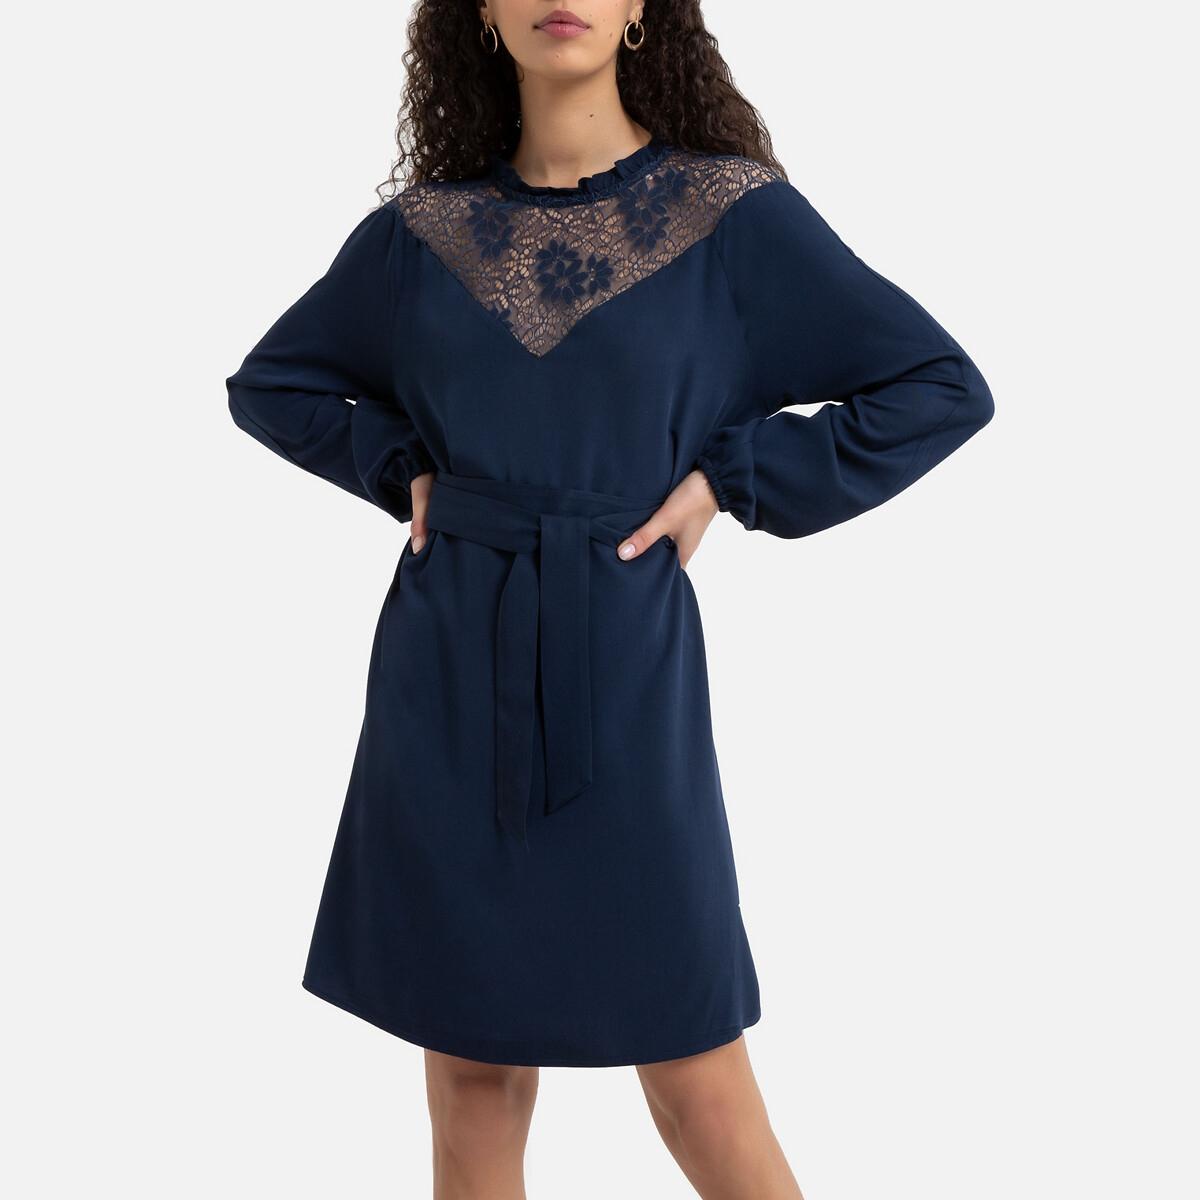 Платье La Redoute Прямое с кружевным воротником 38 (FR) - 44 (RUS) синий брюки чино la redoute la redoute 38 fr 44 rus синий